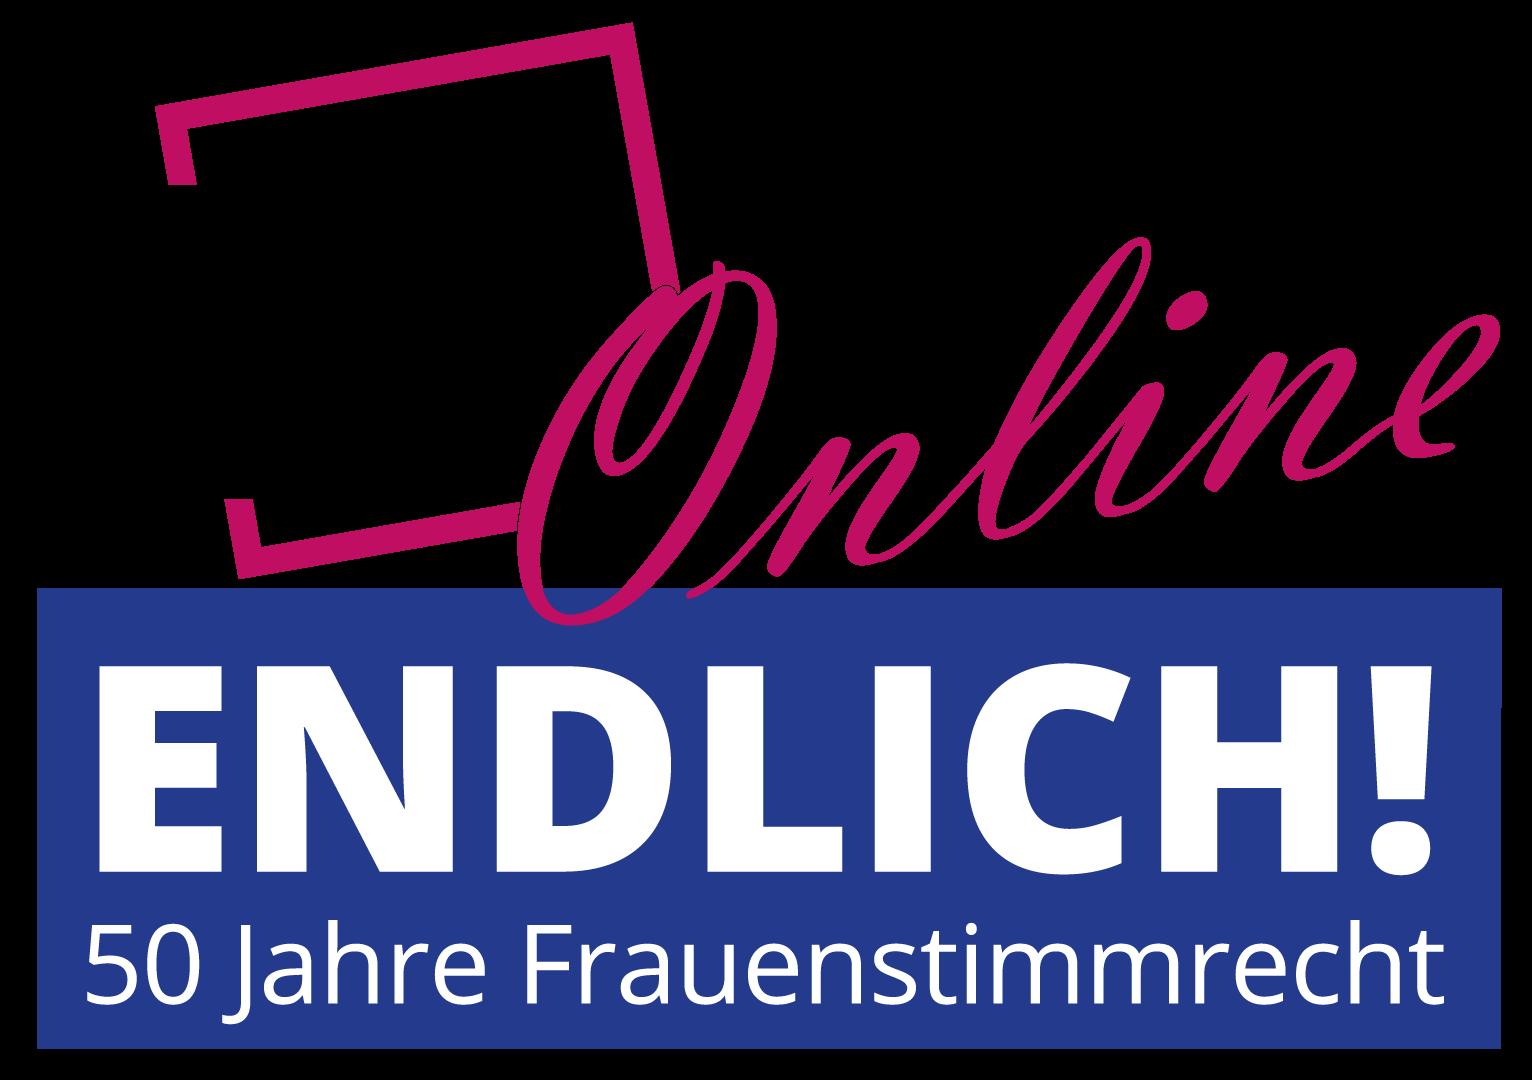 ENDLICH – 50 Jahre Frauenstimmrecht